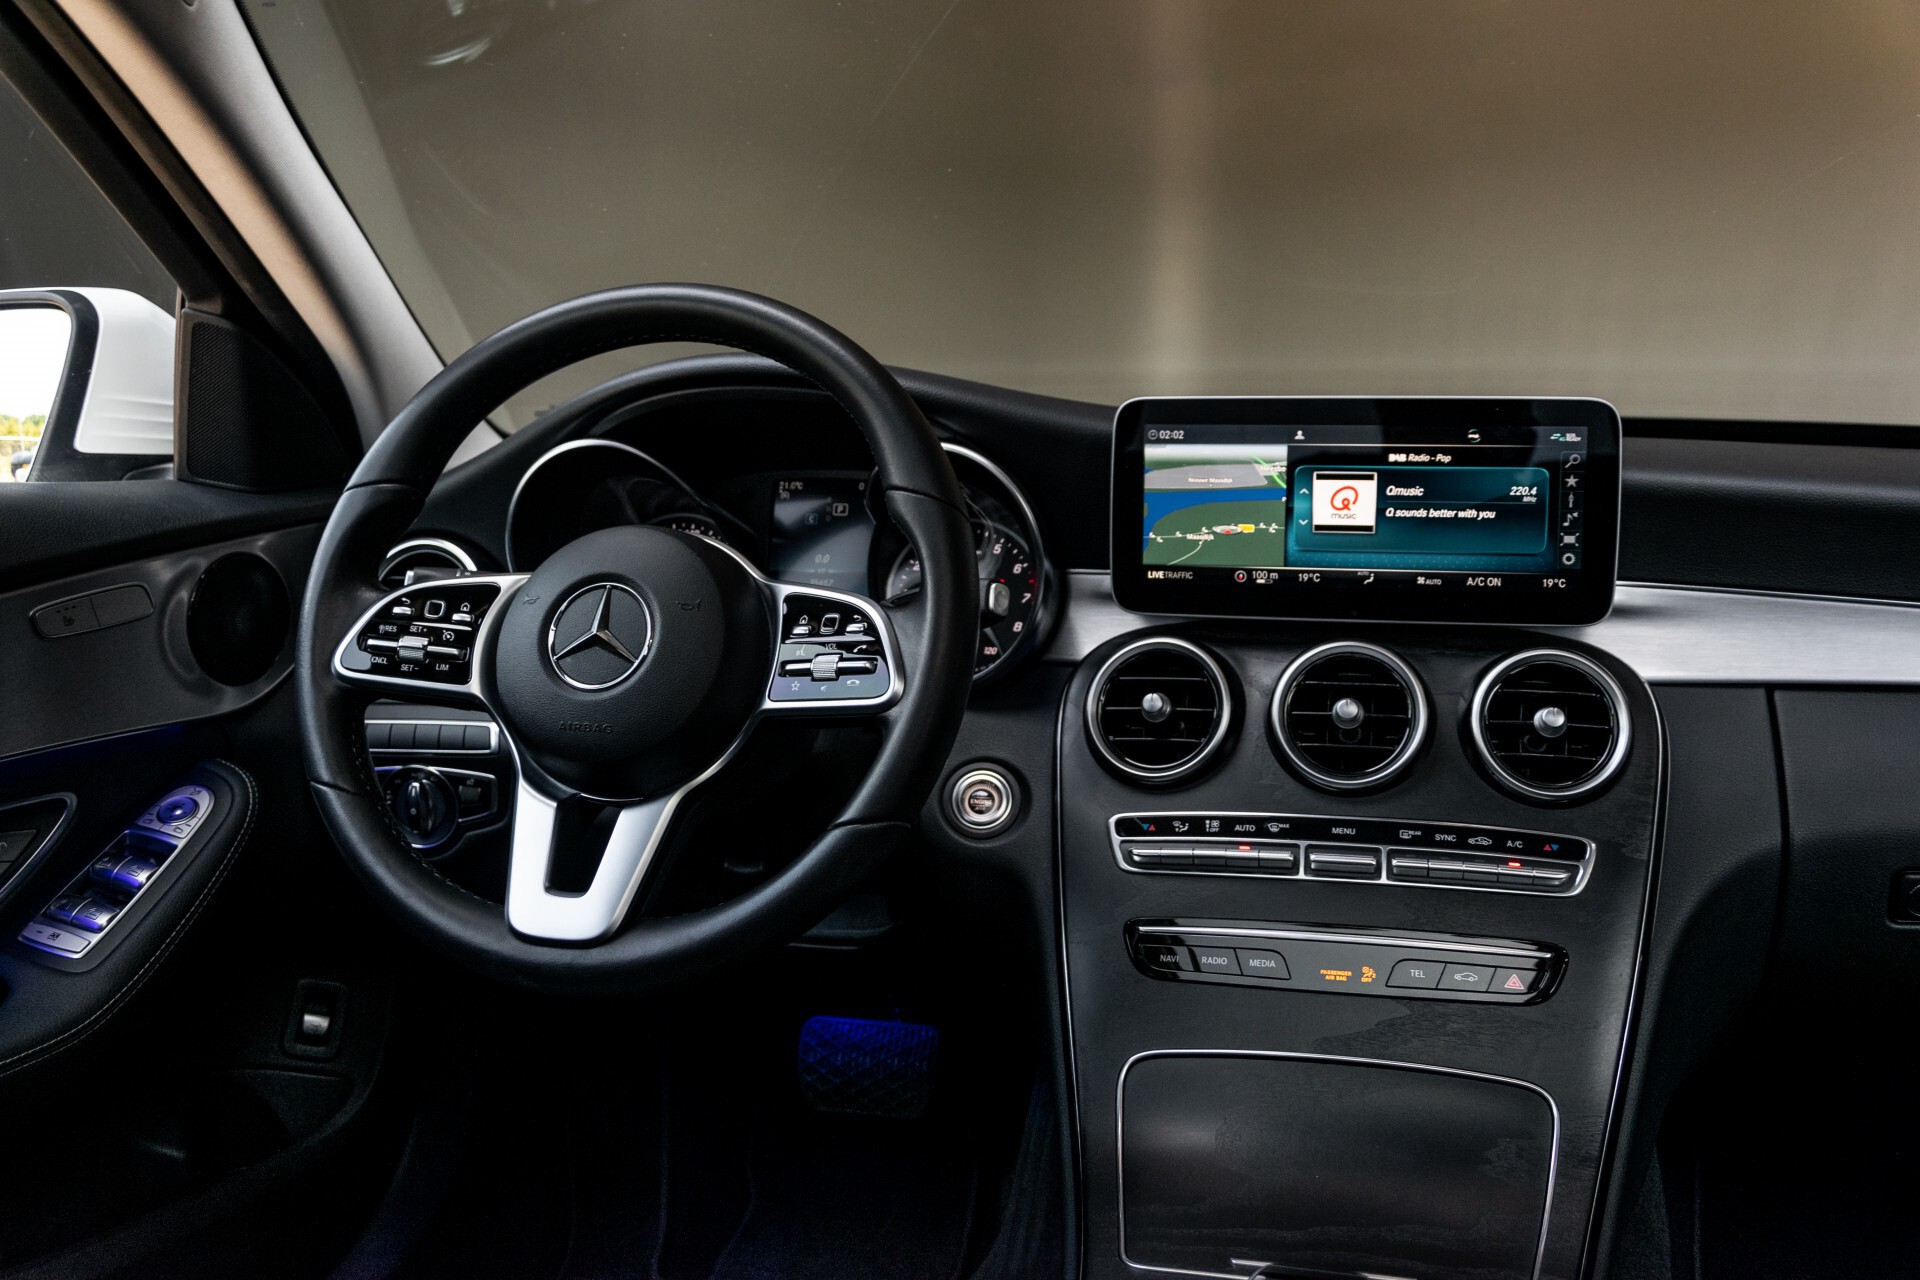 Mercedes-Benz C-Klasse 180 Avantgarde Advanced/Schuifdak/Groot Navi Aut9 Foto 7